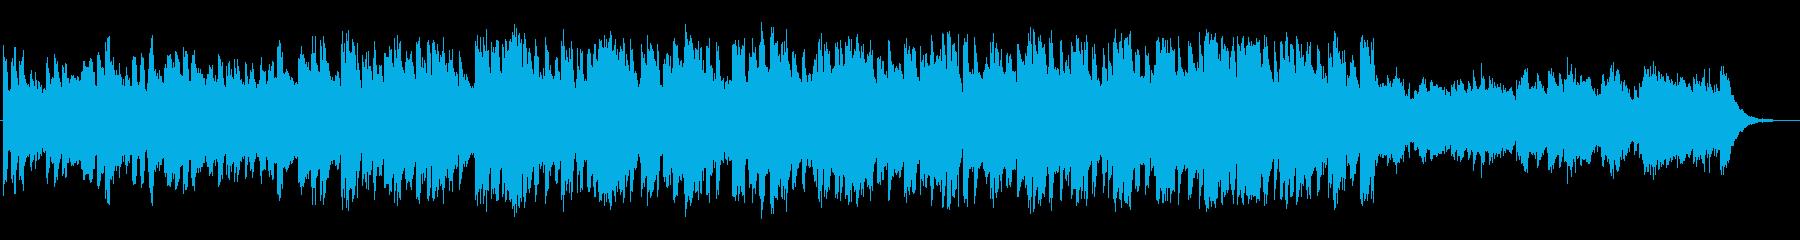 涼しげなピアノの映画BGMの再生済みの波形